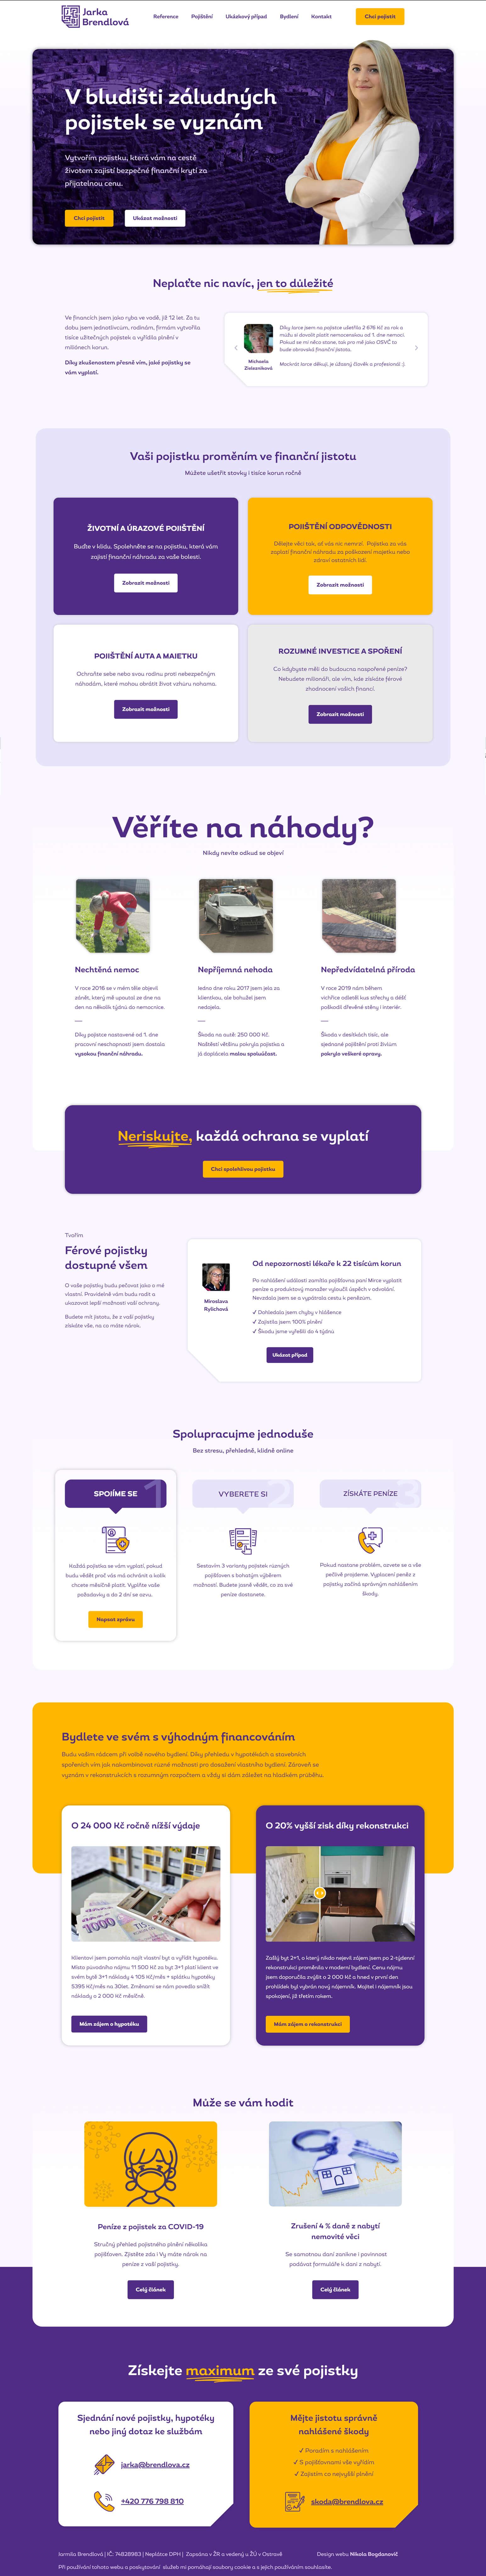 Jarka Brendlova grafika osobního webu